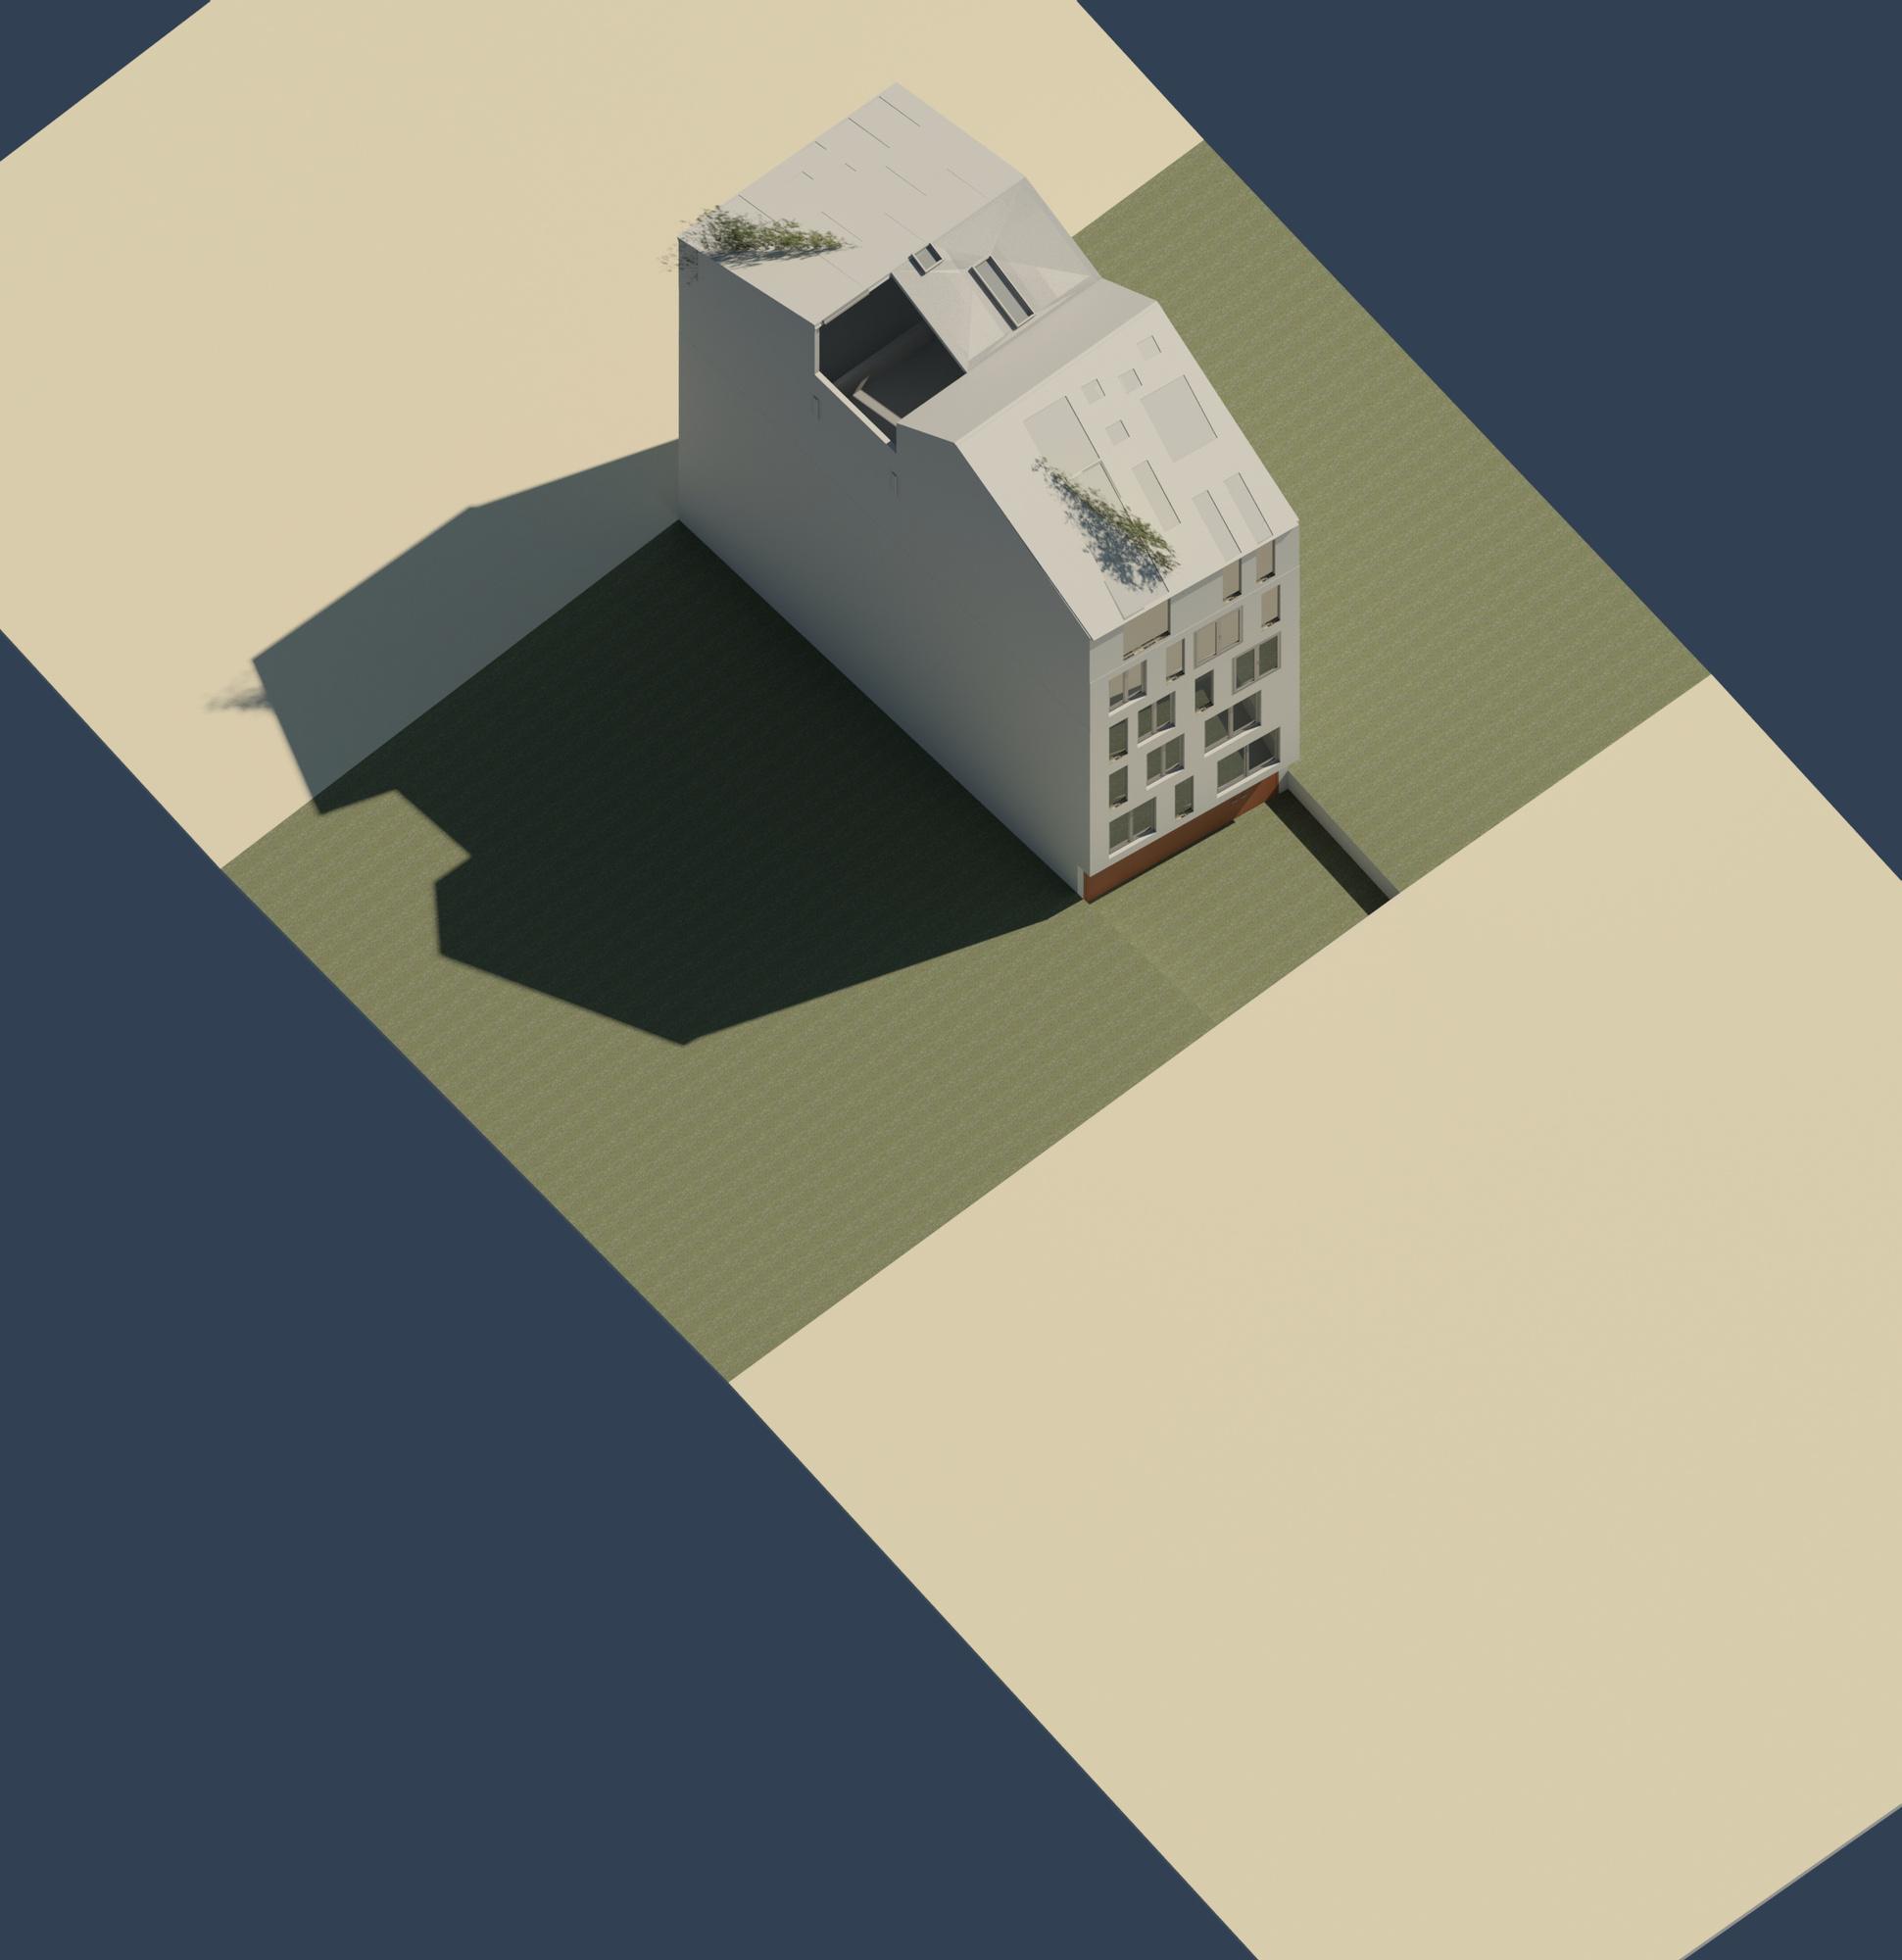 Raas-rendering20150315-2173-6hcc3n